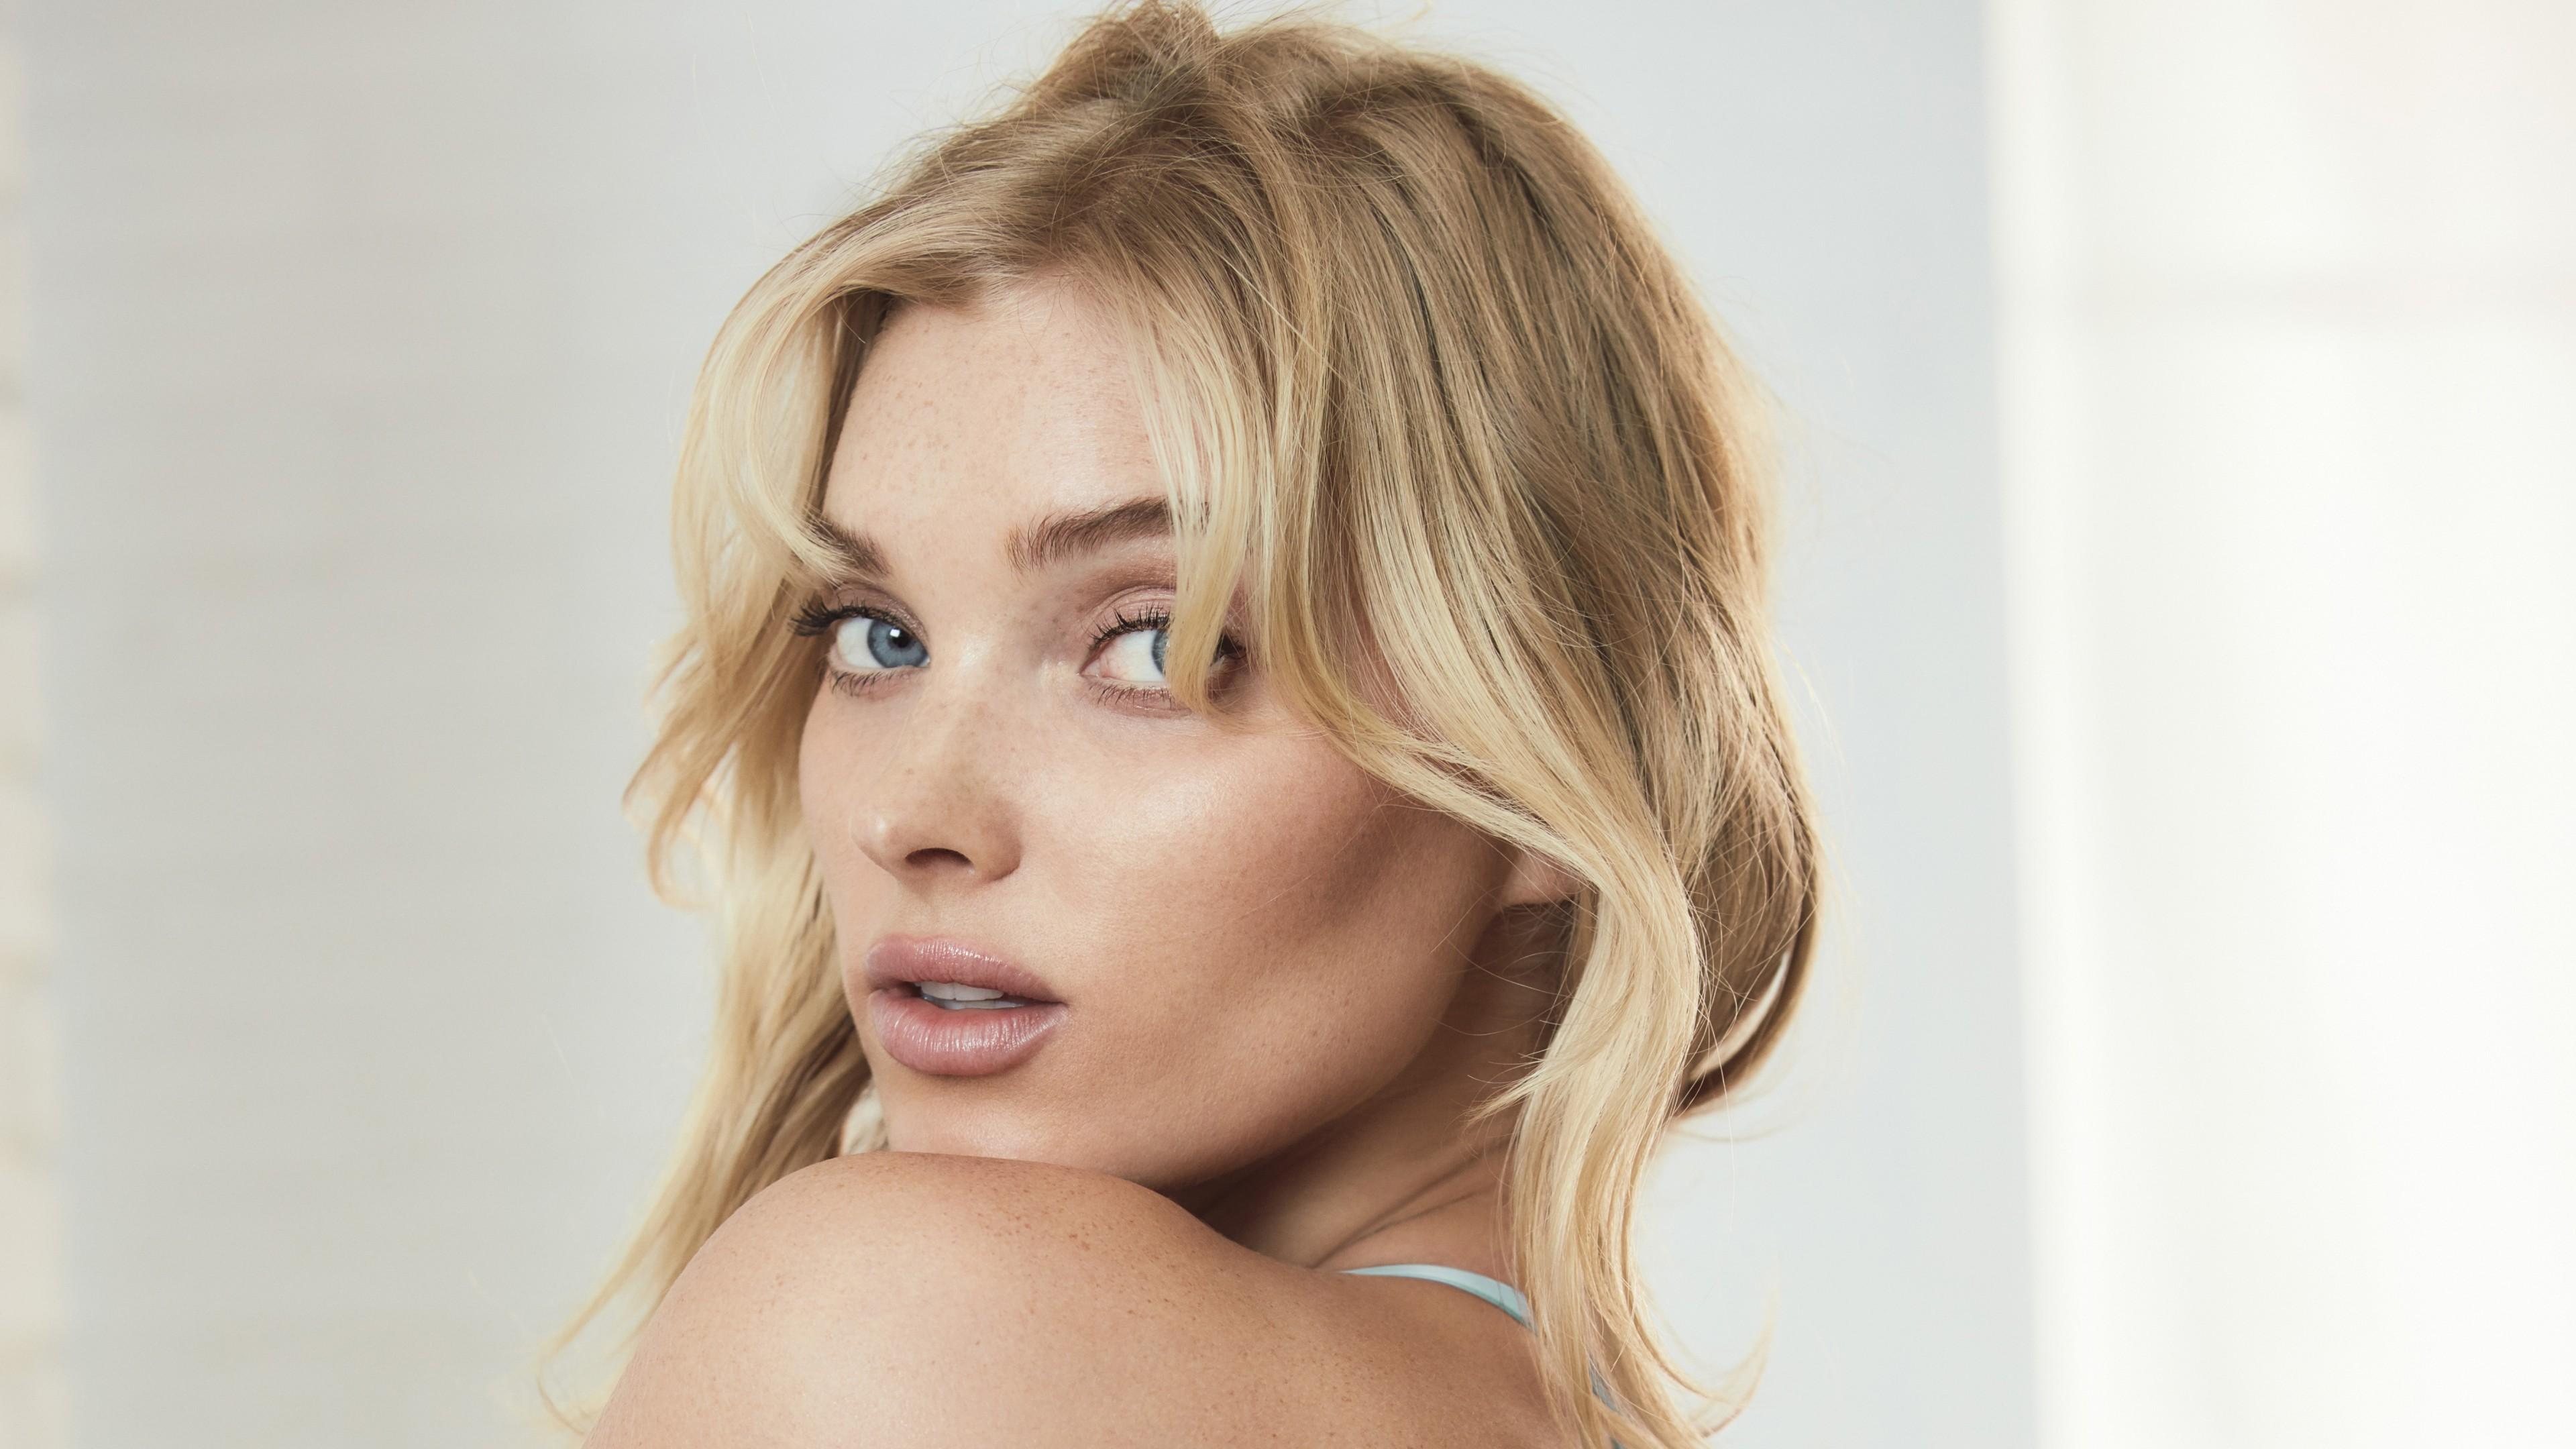 Блондинка с загадочным взглядом голубых глаз